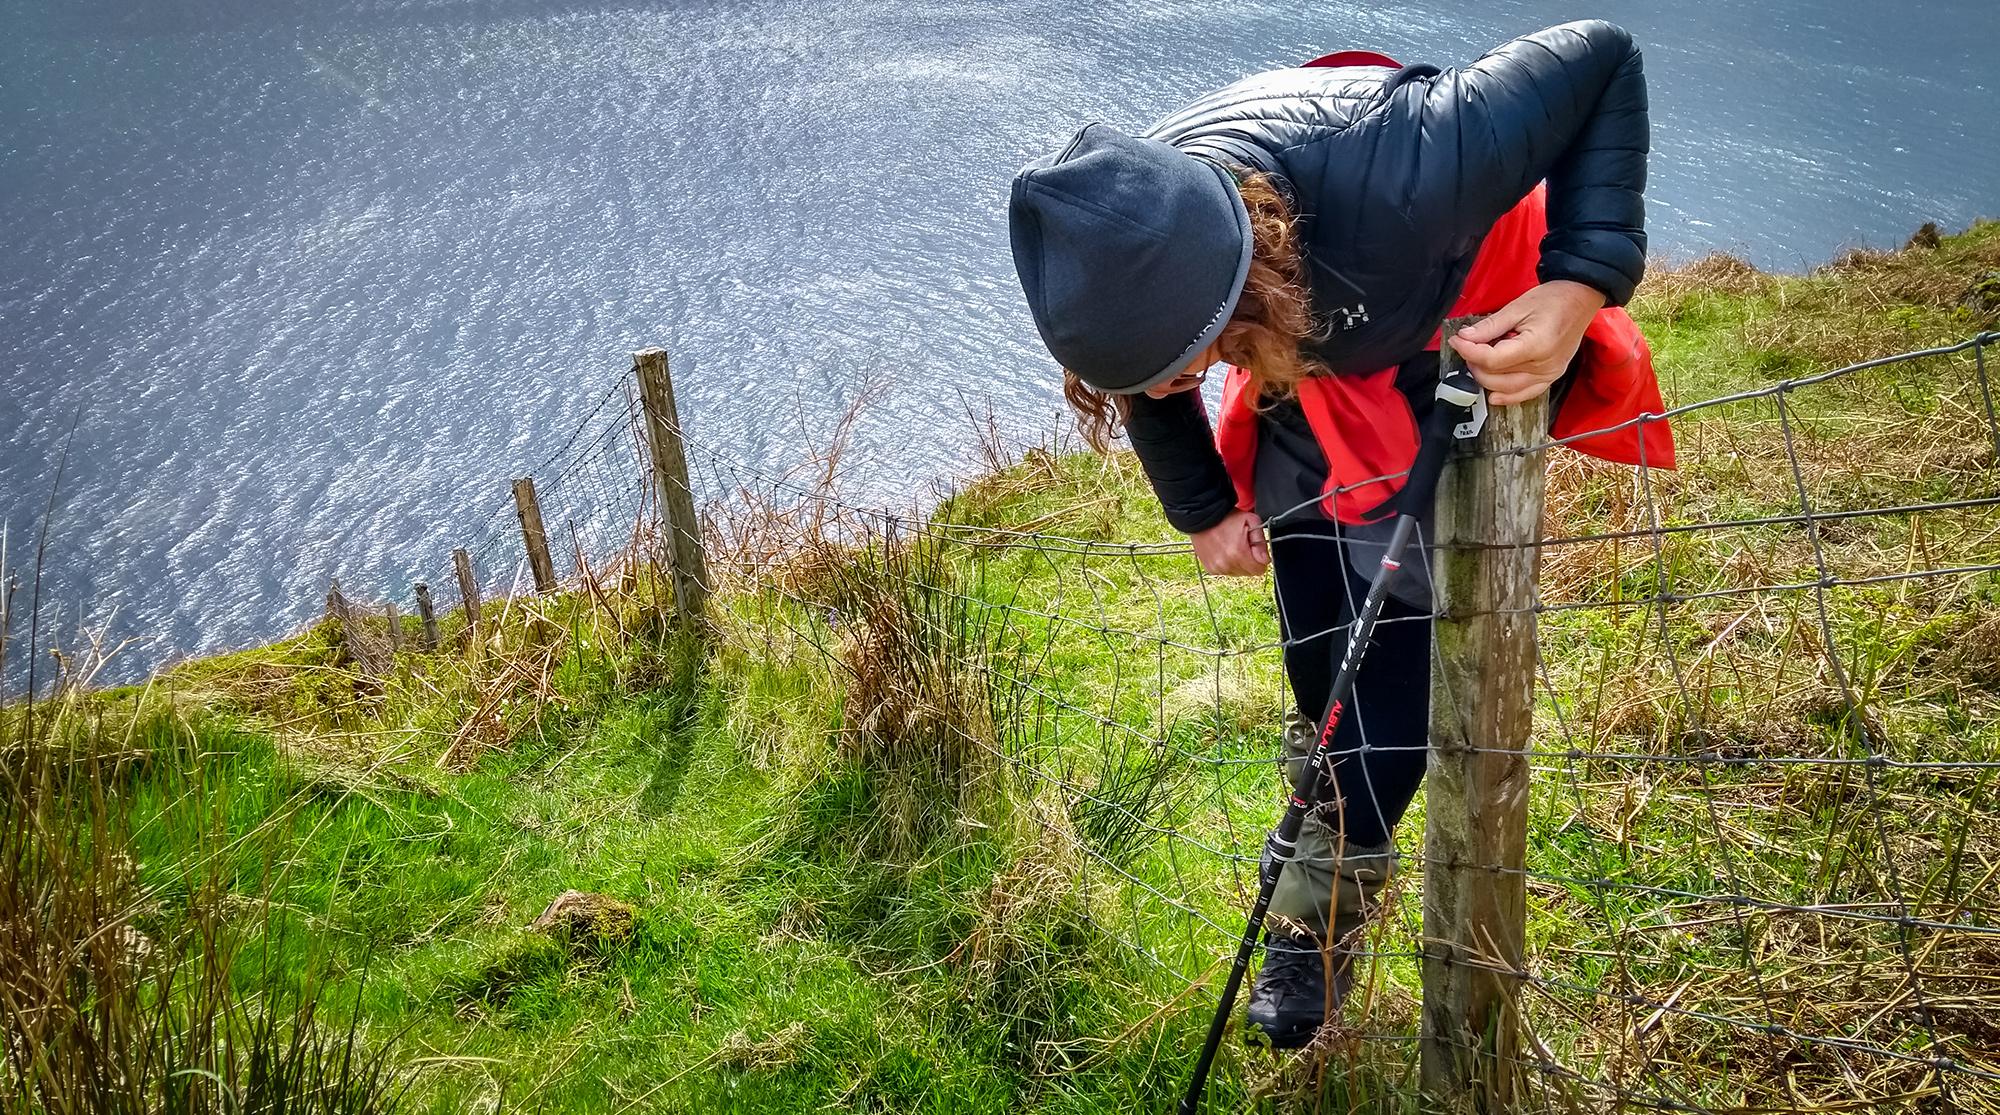 Frau klettert über einen Zaun auf einer steil abfallenden Klippe